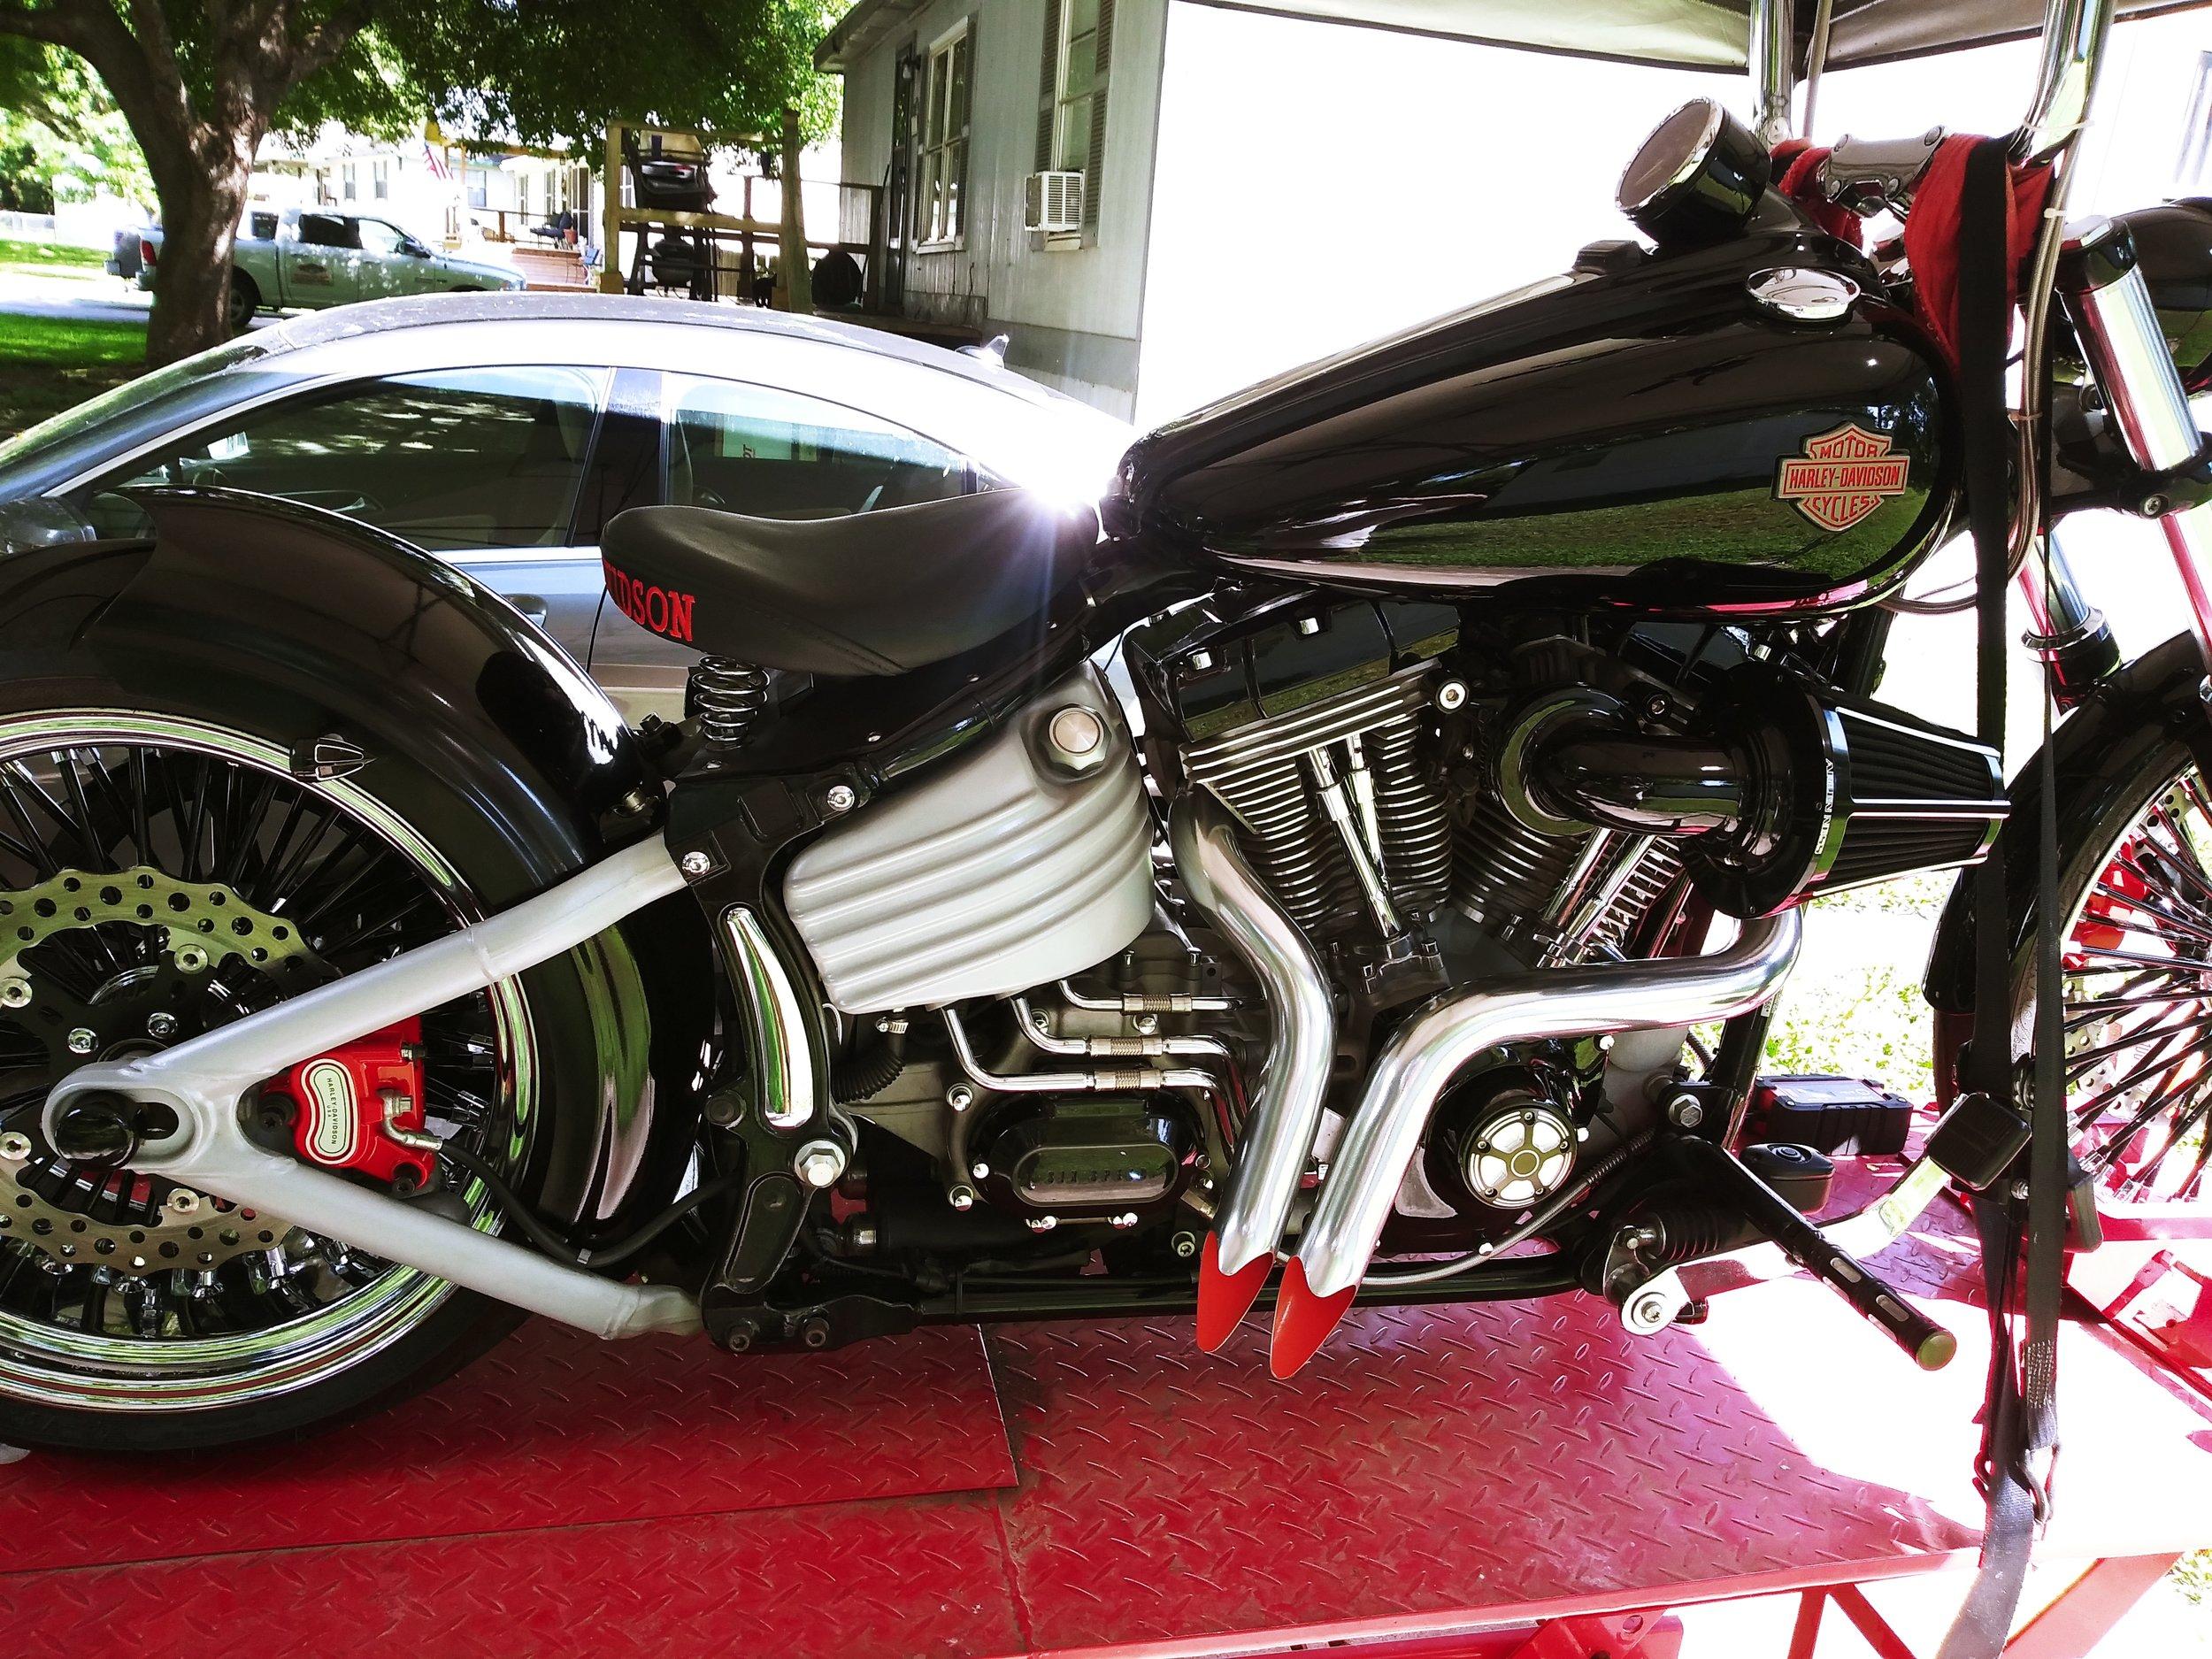 Oscar's Harley Davidson Rocker